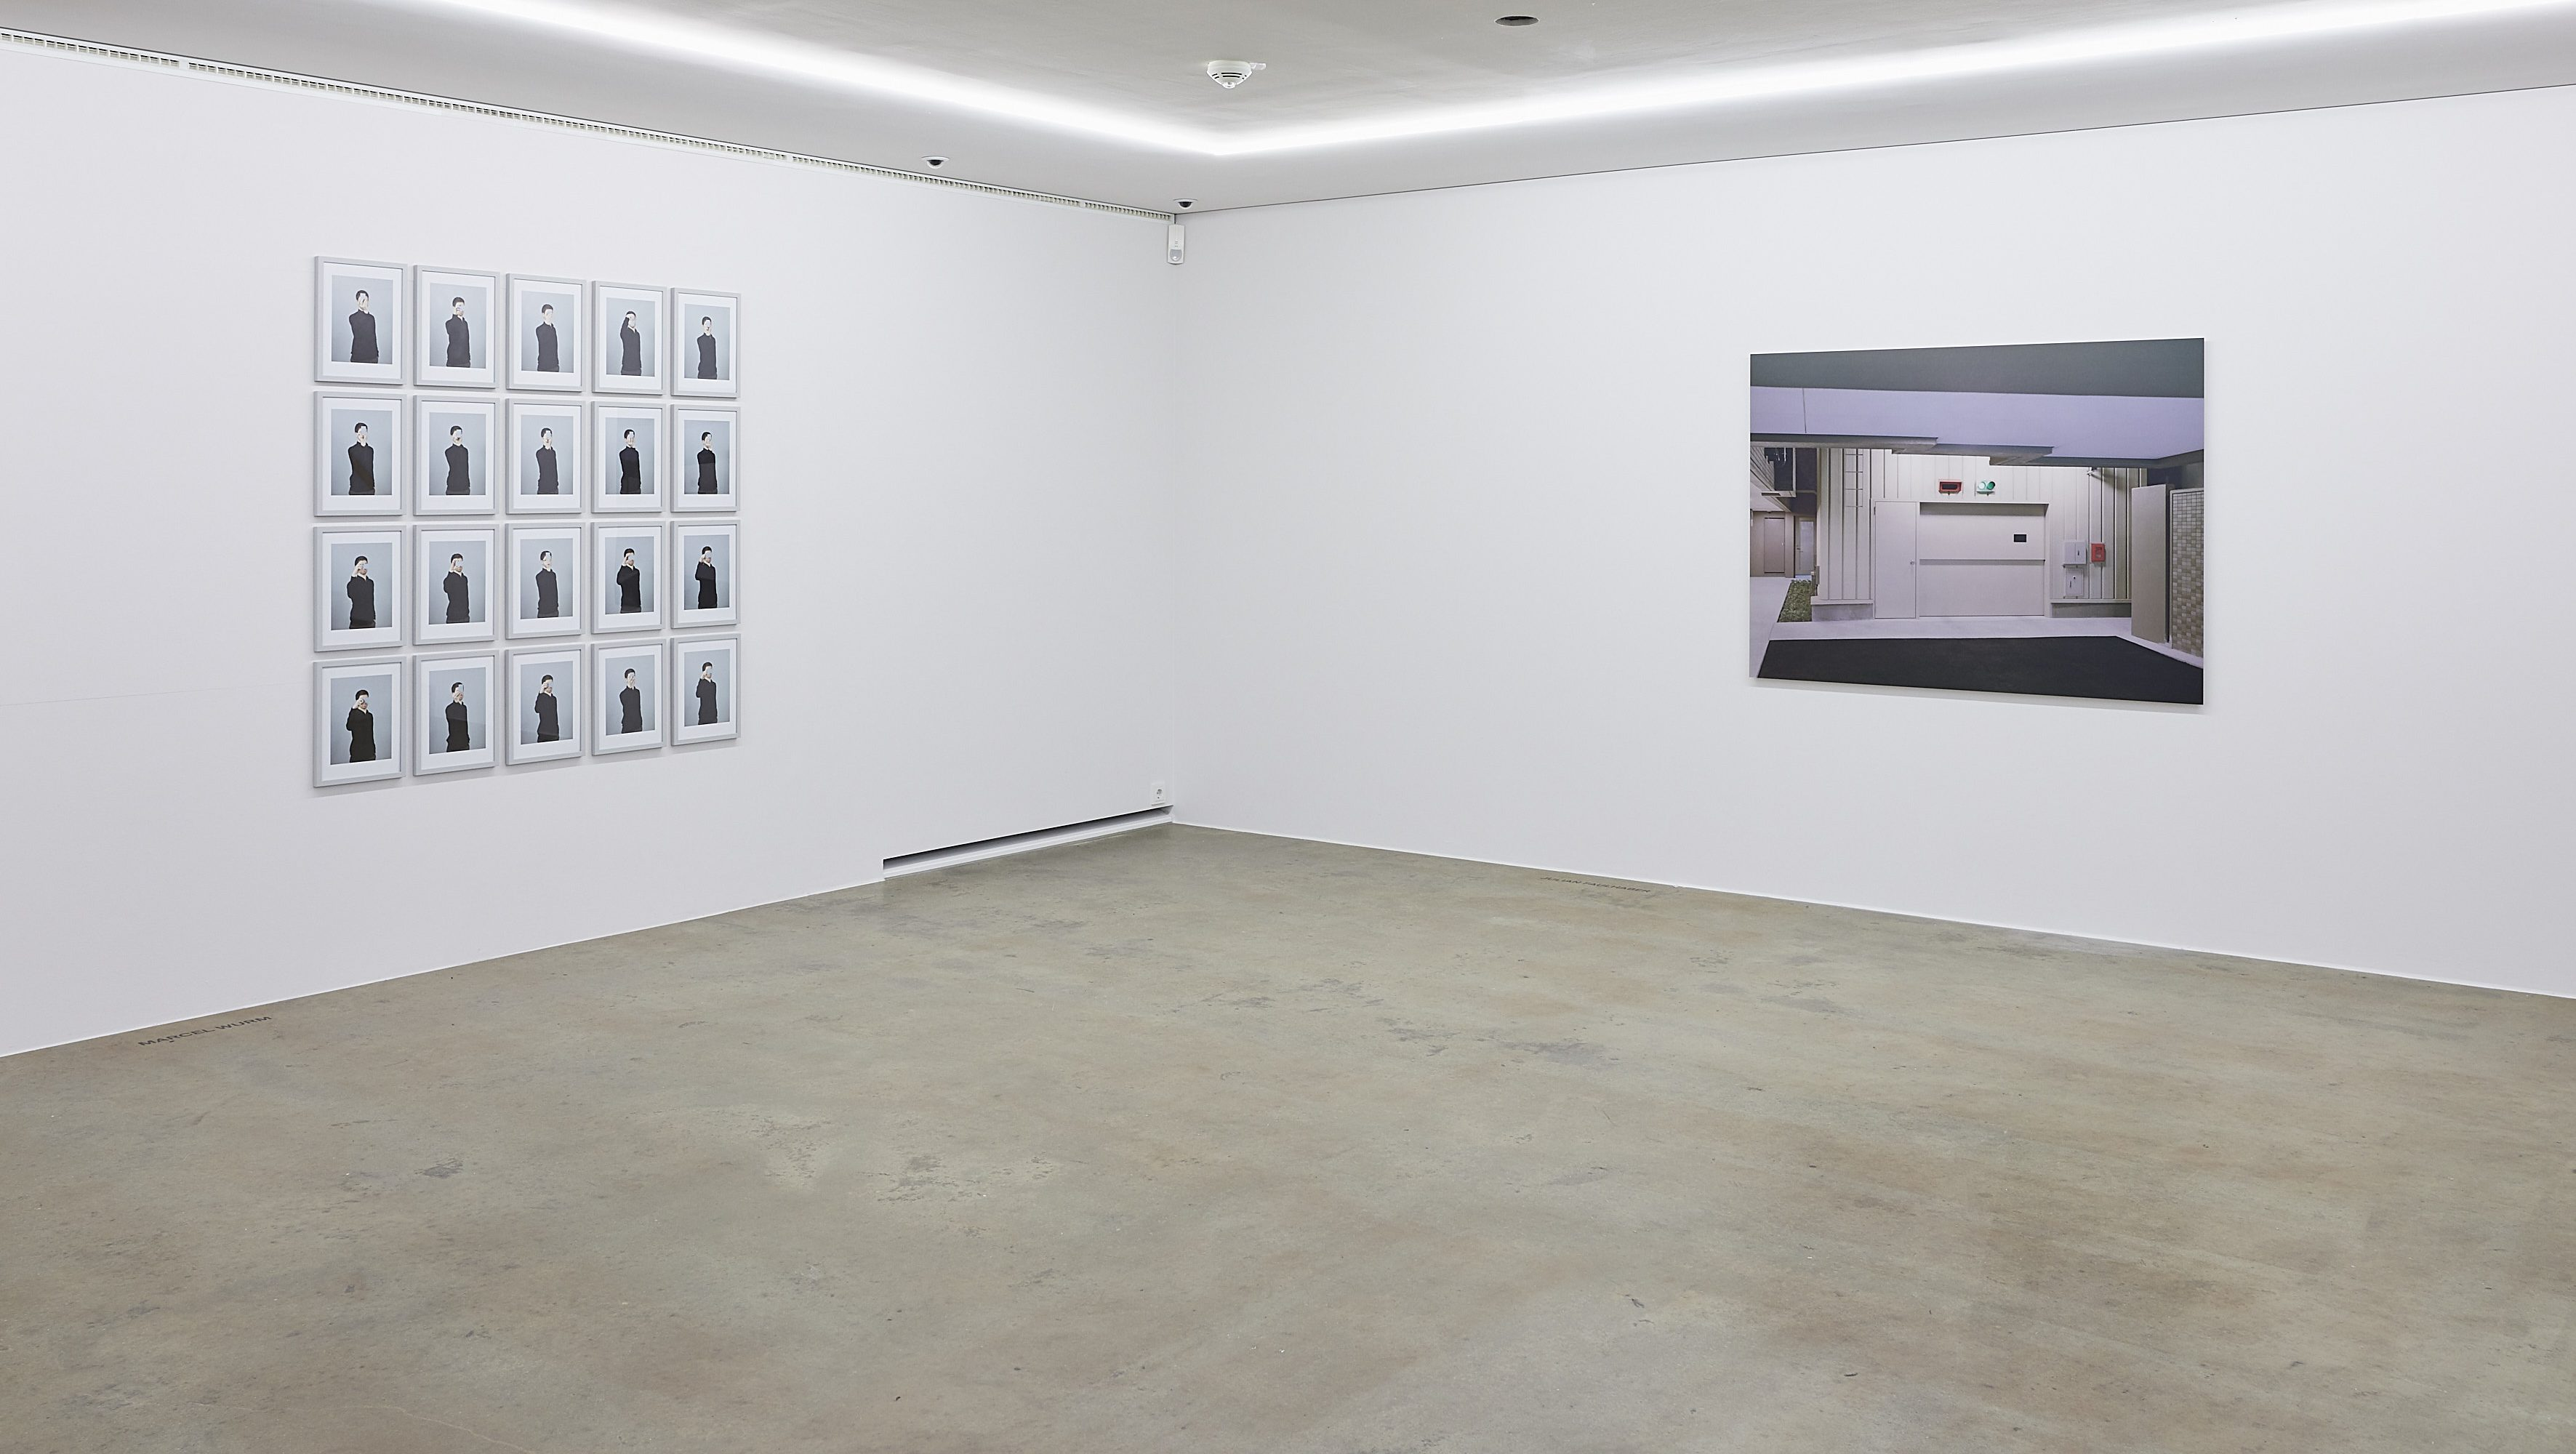 Raumansicht mit Arbeiten von Marcel Wurm und Julian Faulhaber